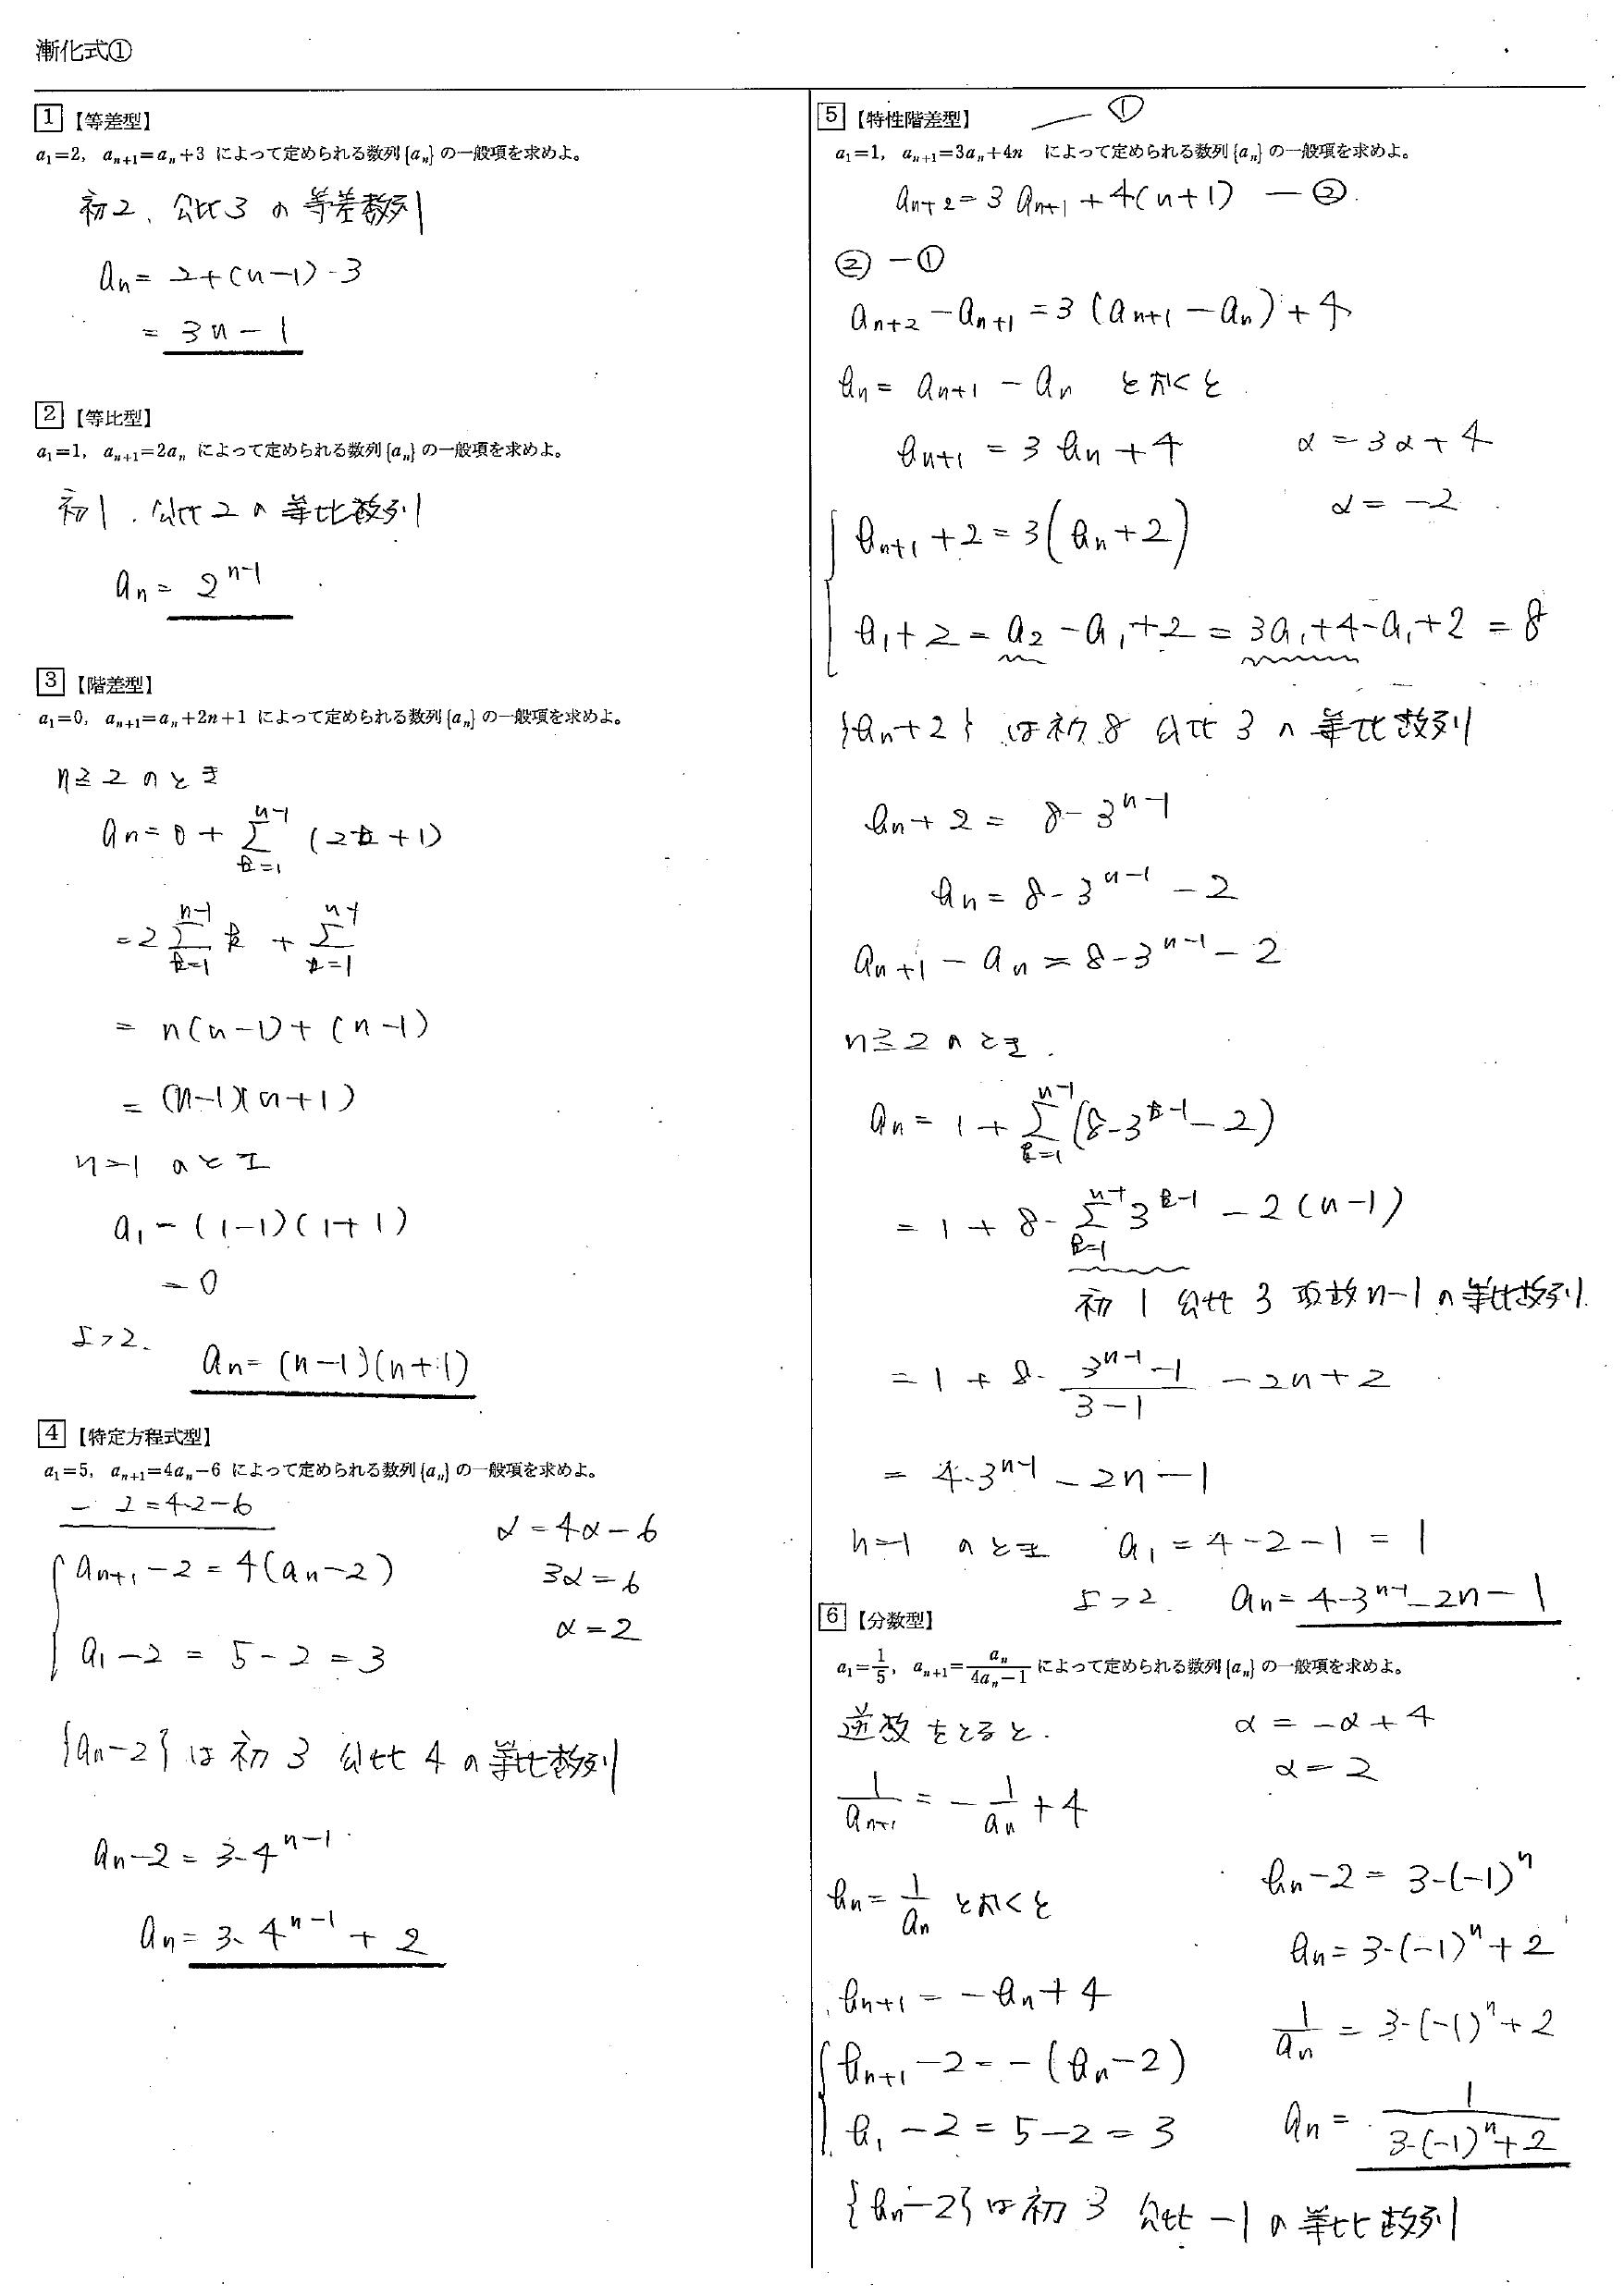 漸化式 まとめ 一覧 問題 解答 公式